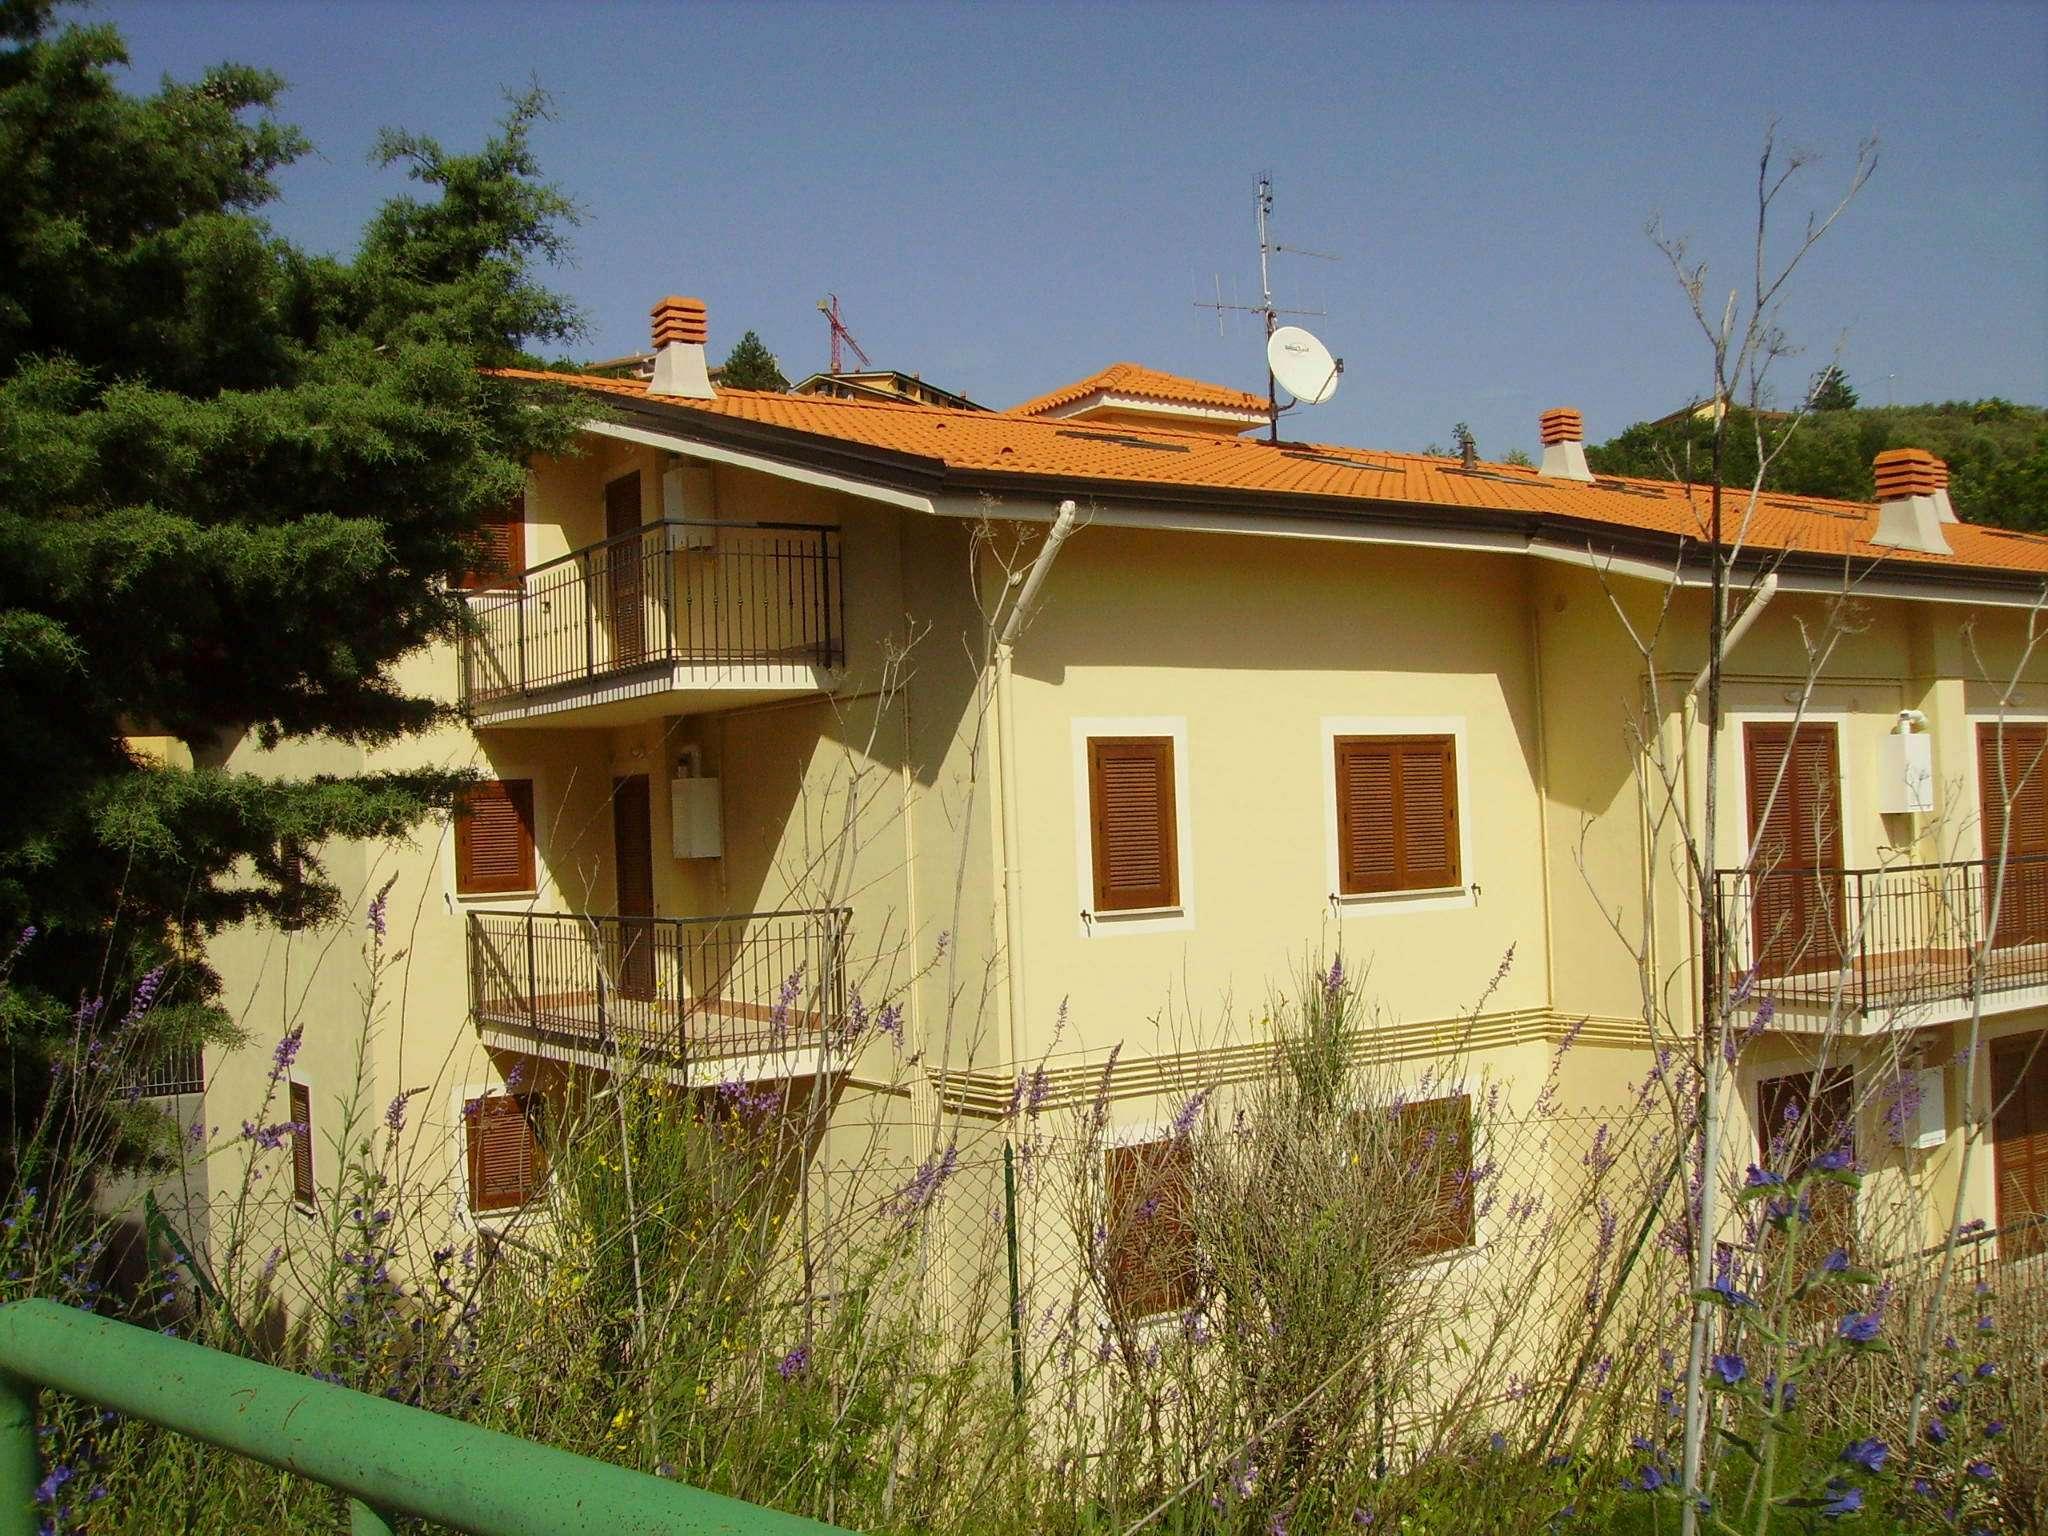 Appartamento in vendita a Fiuggi, 3 locali, prezzo € 65.000 | Cambio Casa.it